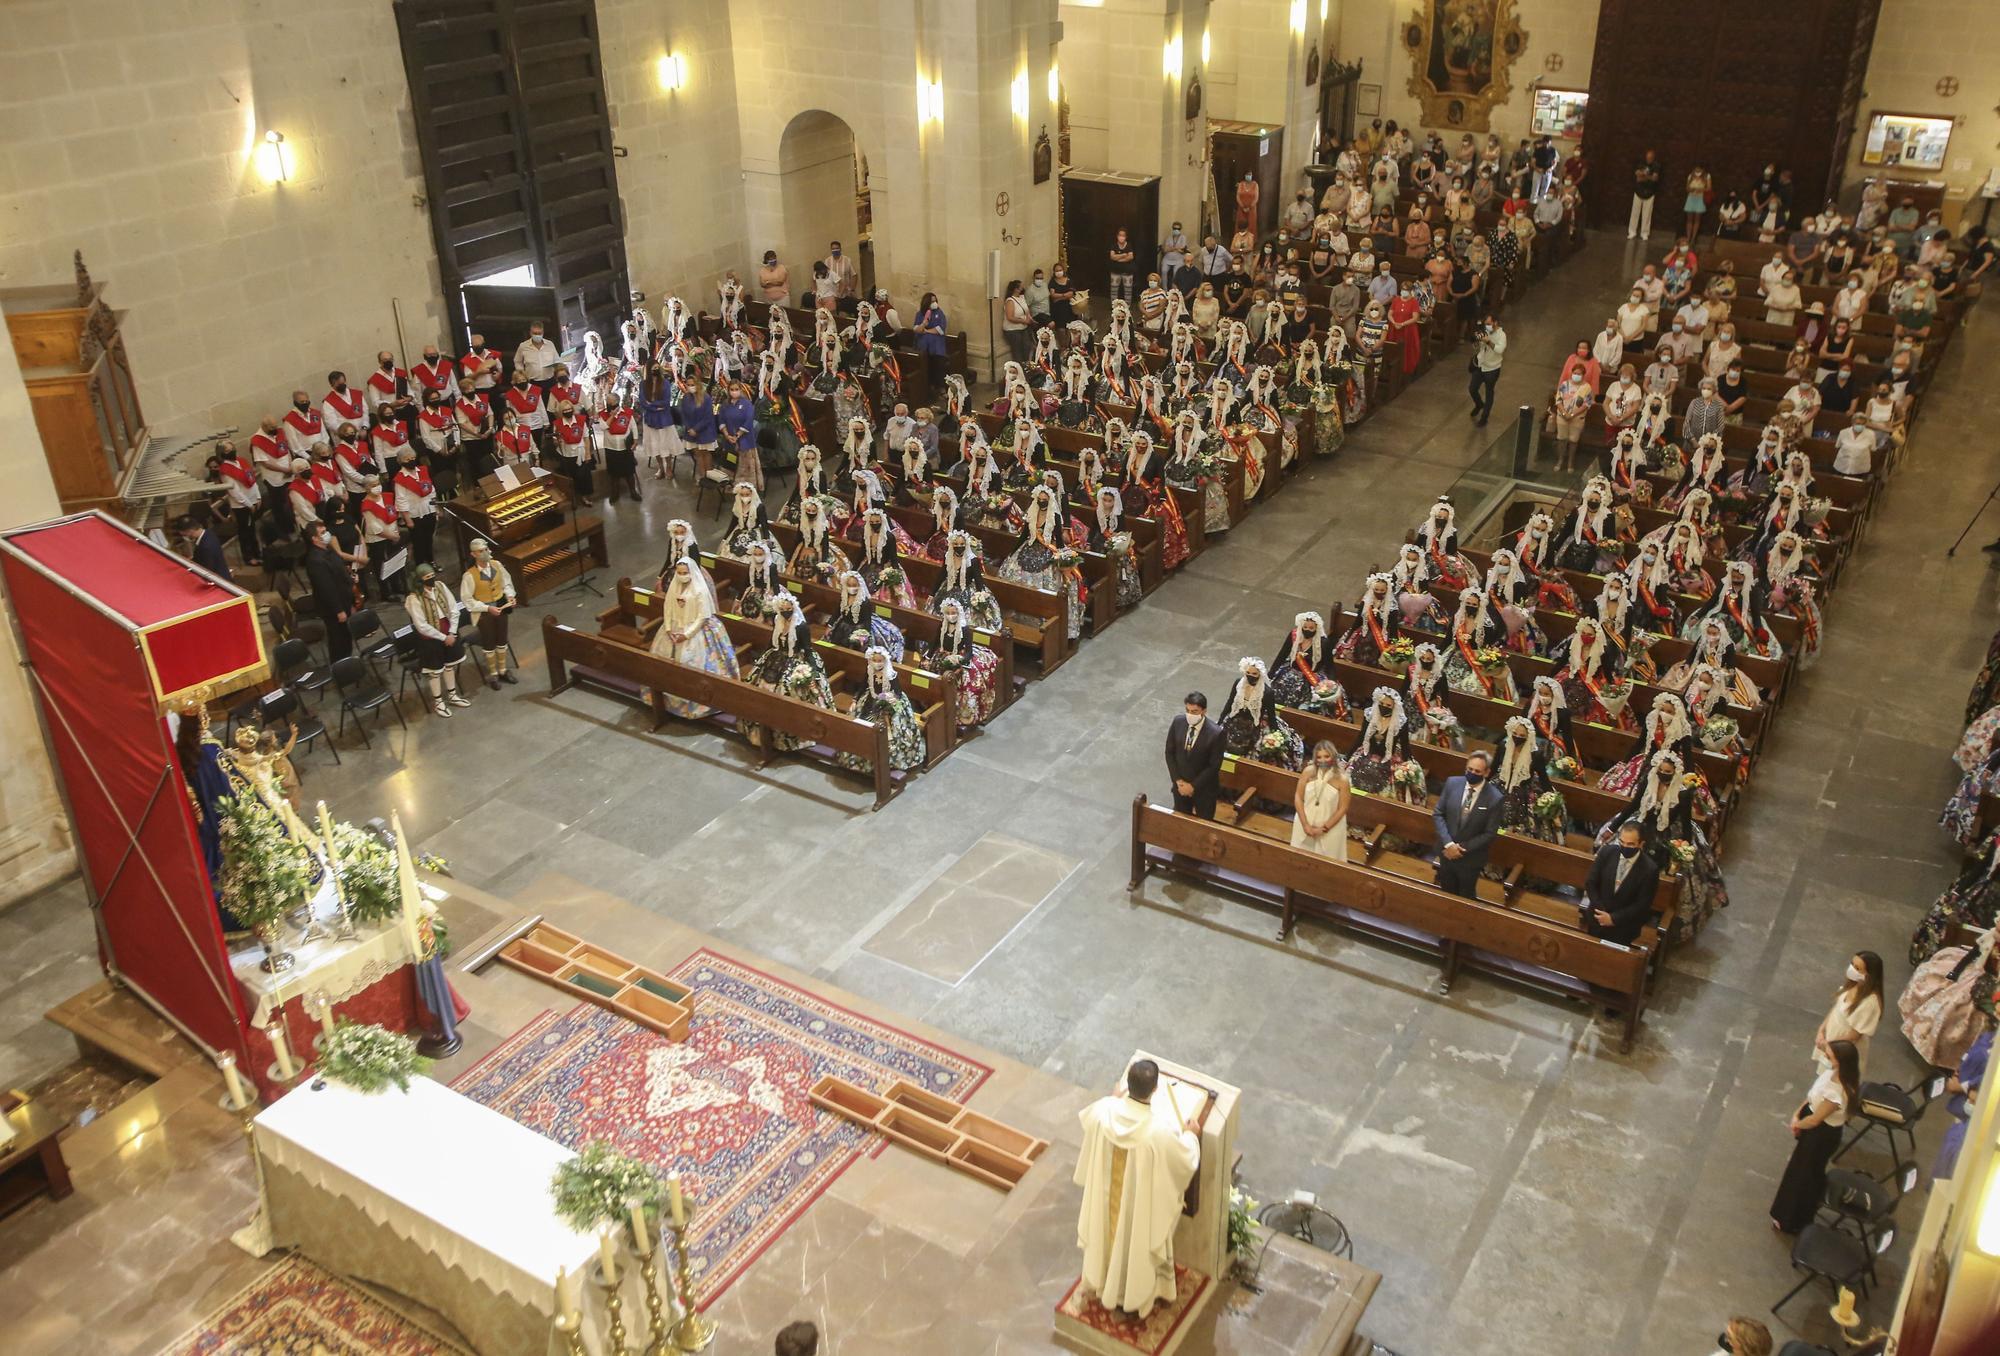 Misa en honor a Sant Joan y ofrenda a la Patrona de Alicante